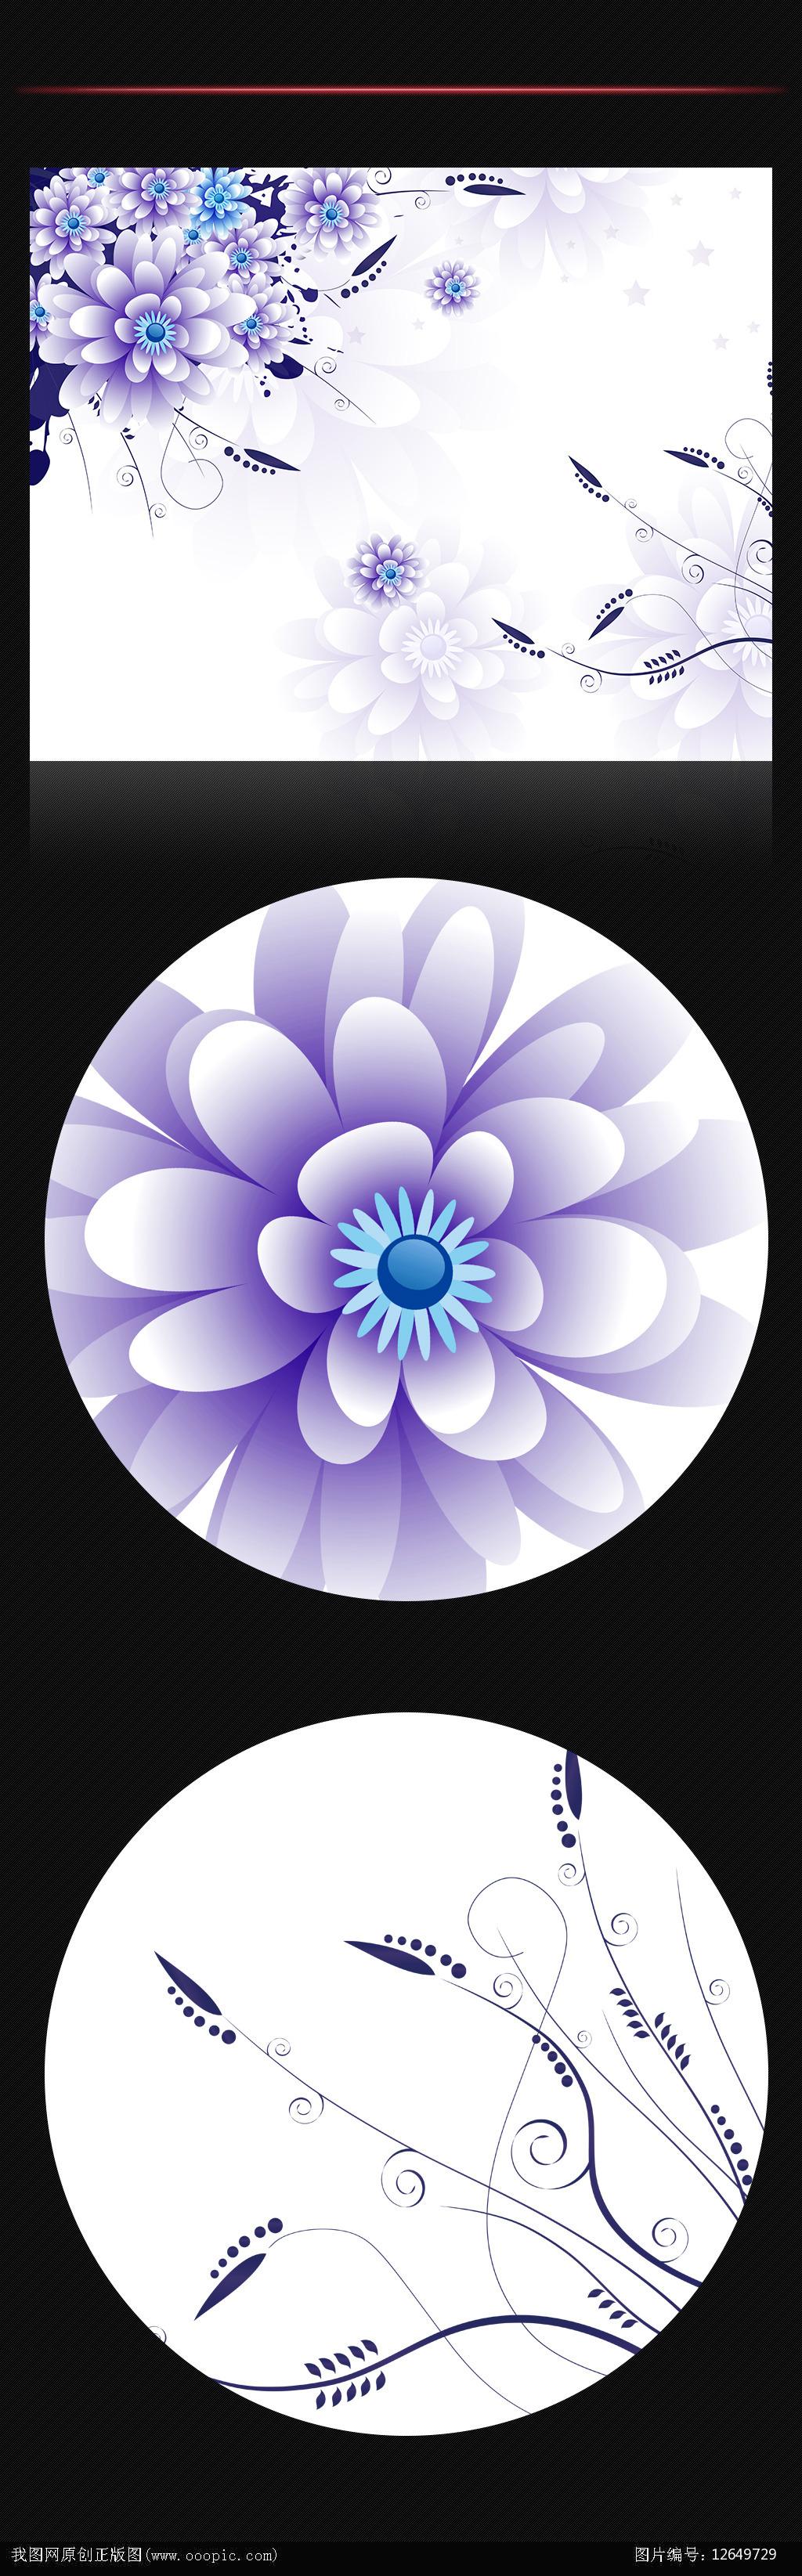 吴氏店铺手绘花朵3d方框电视背景墙